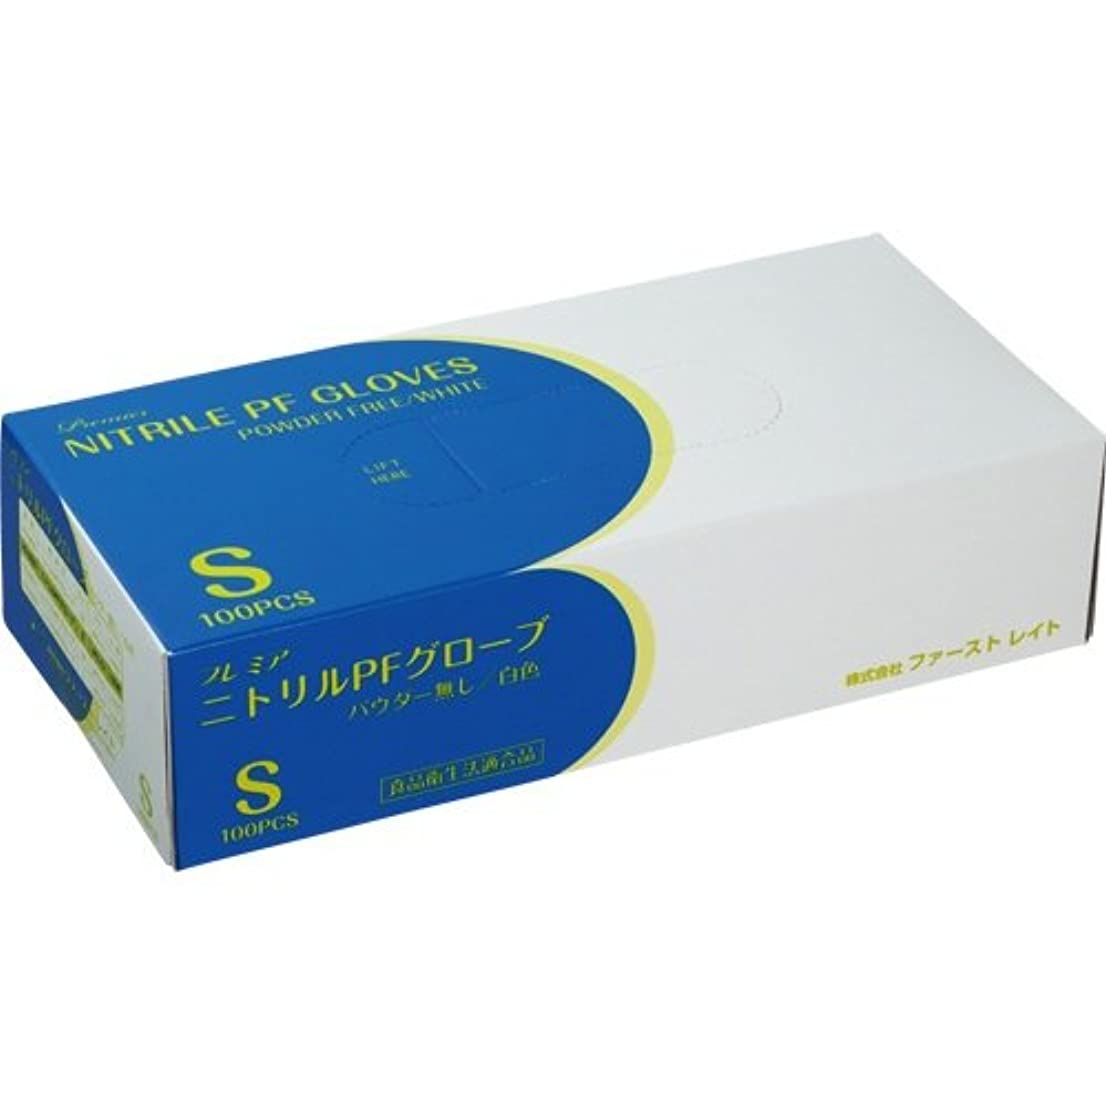 ダーリンカテナ作りますファーストレイト プレミアニトリルPFグローブ パウダーフリー ホワイト S FR-856 1セット(1000枚:100枚×10箱)